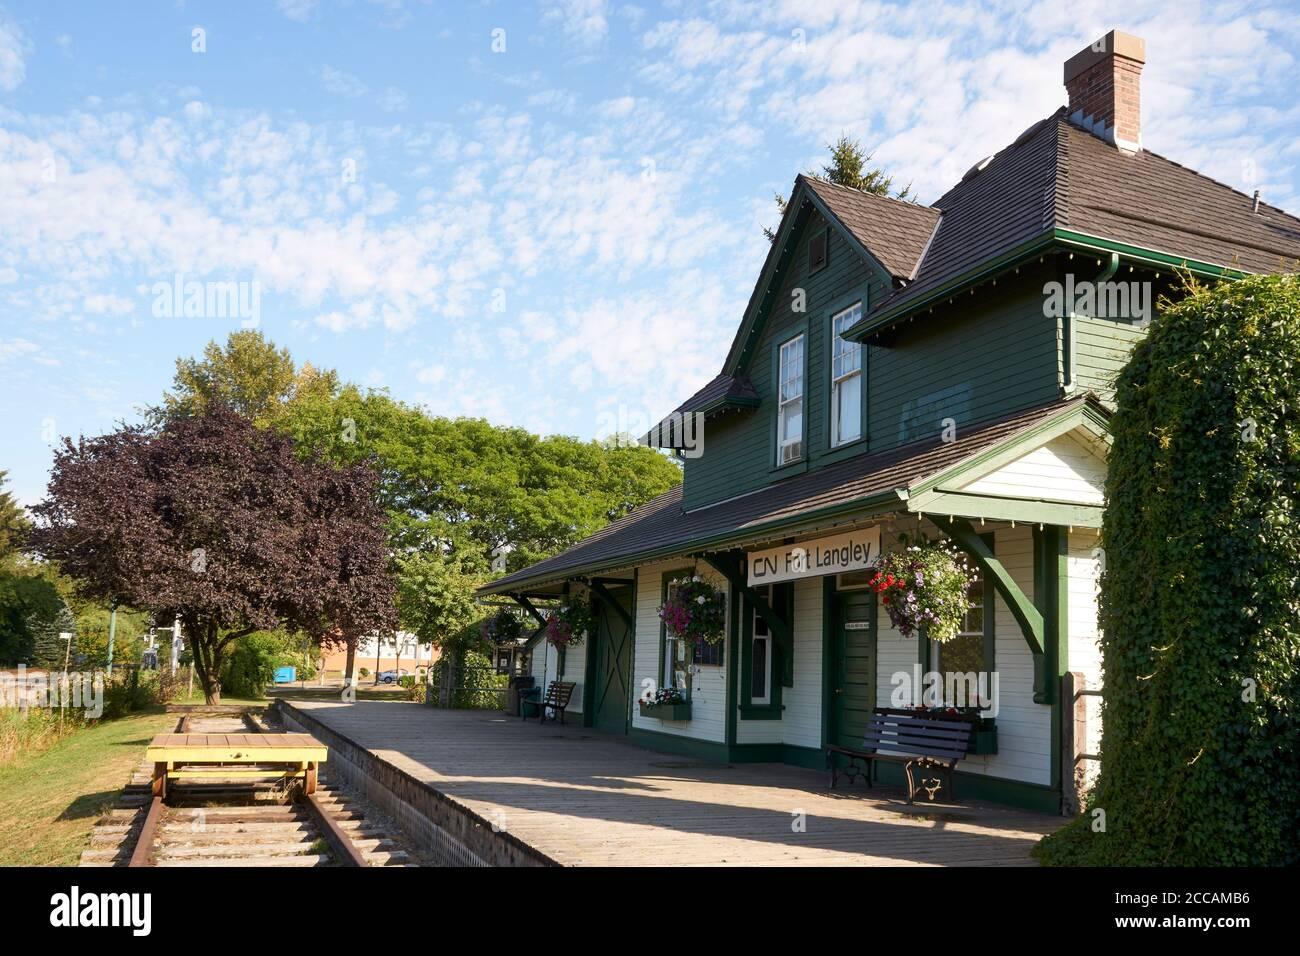 Heritage CNR Canadian National Railway Station en la ciudad de Fort Langley, British Columbia, Canadá Foto de stock